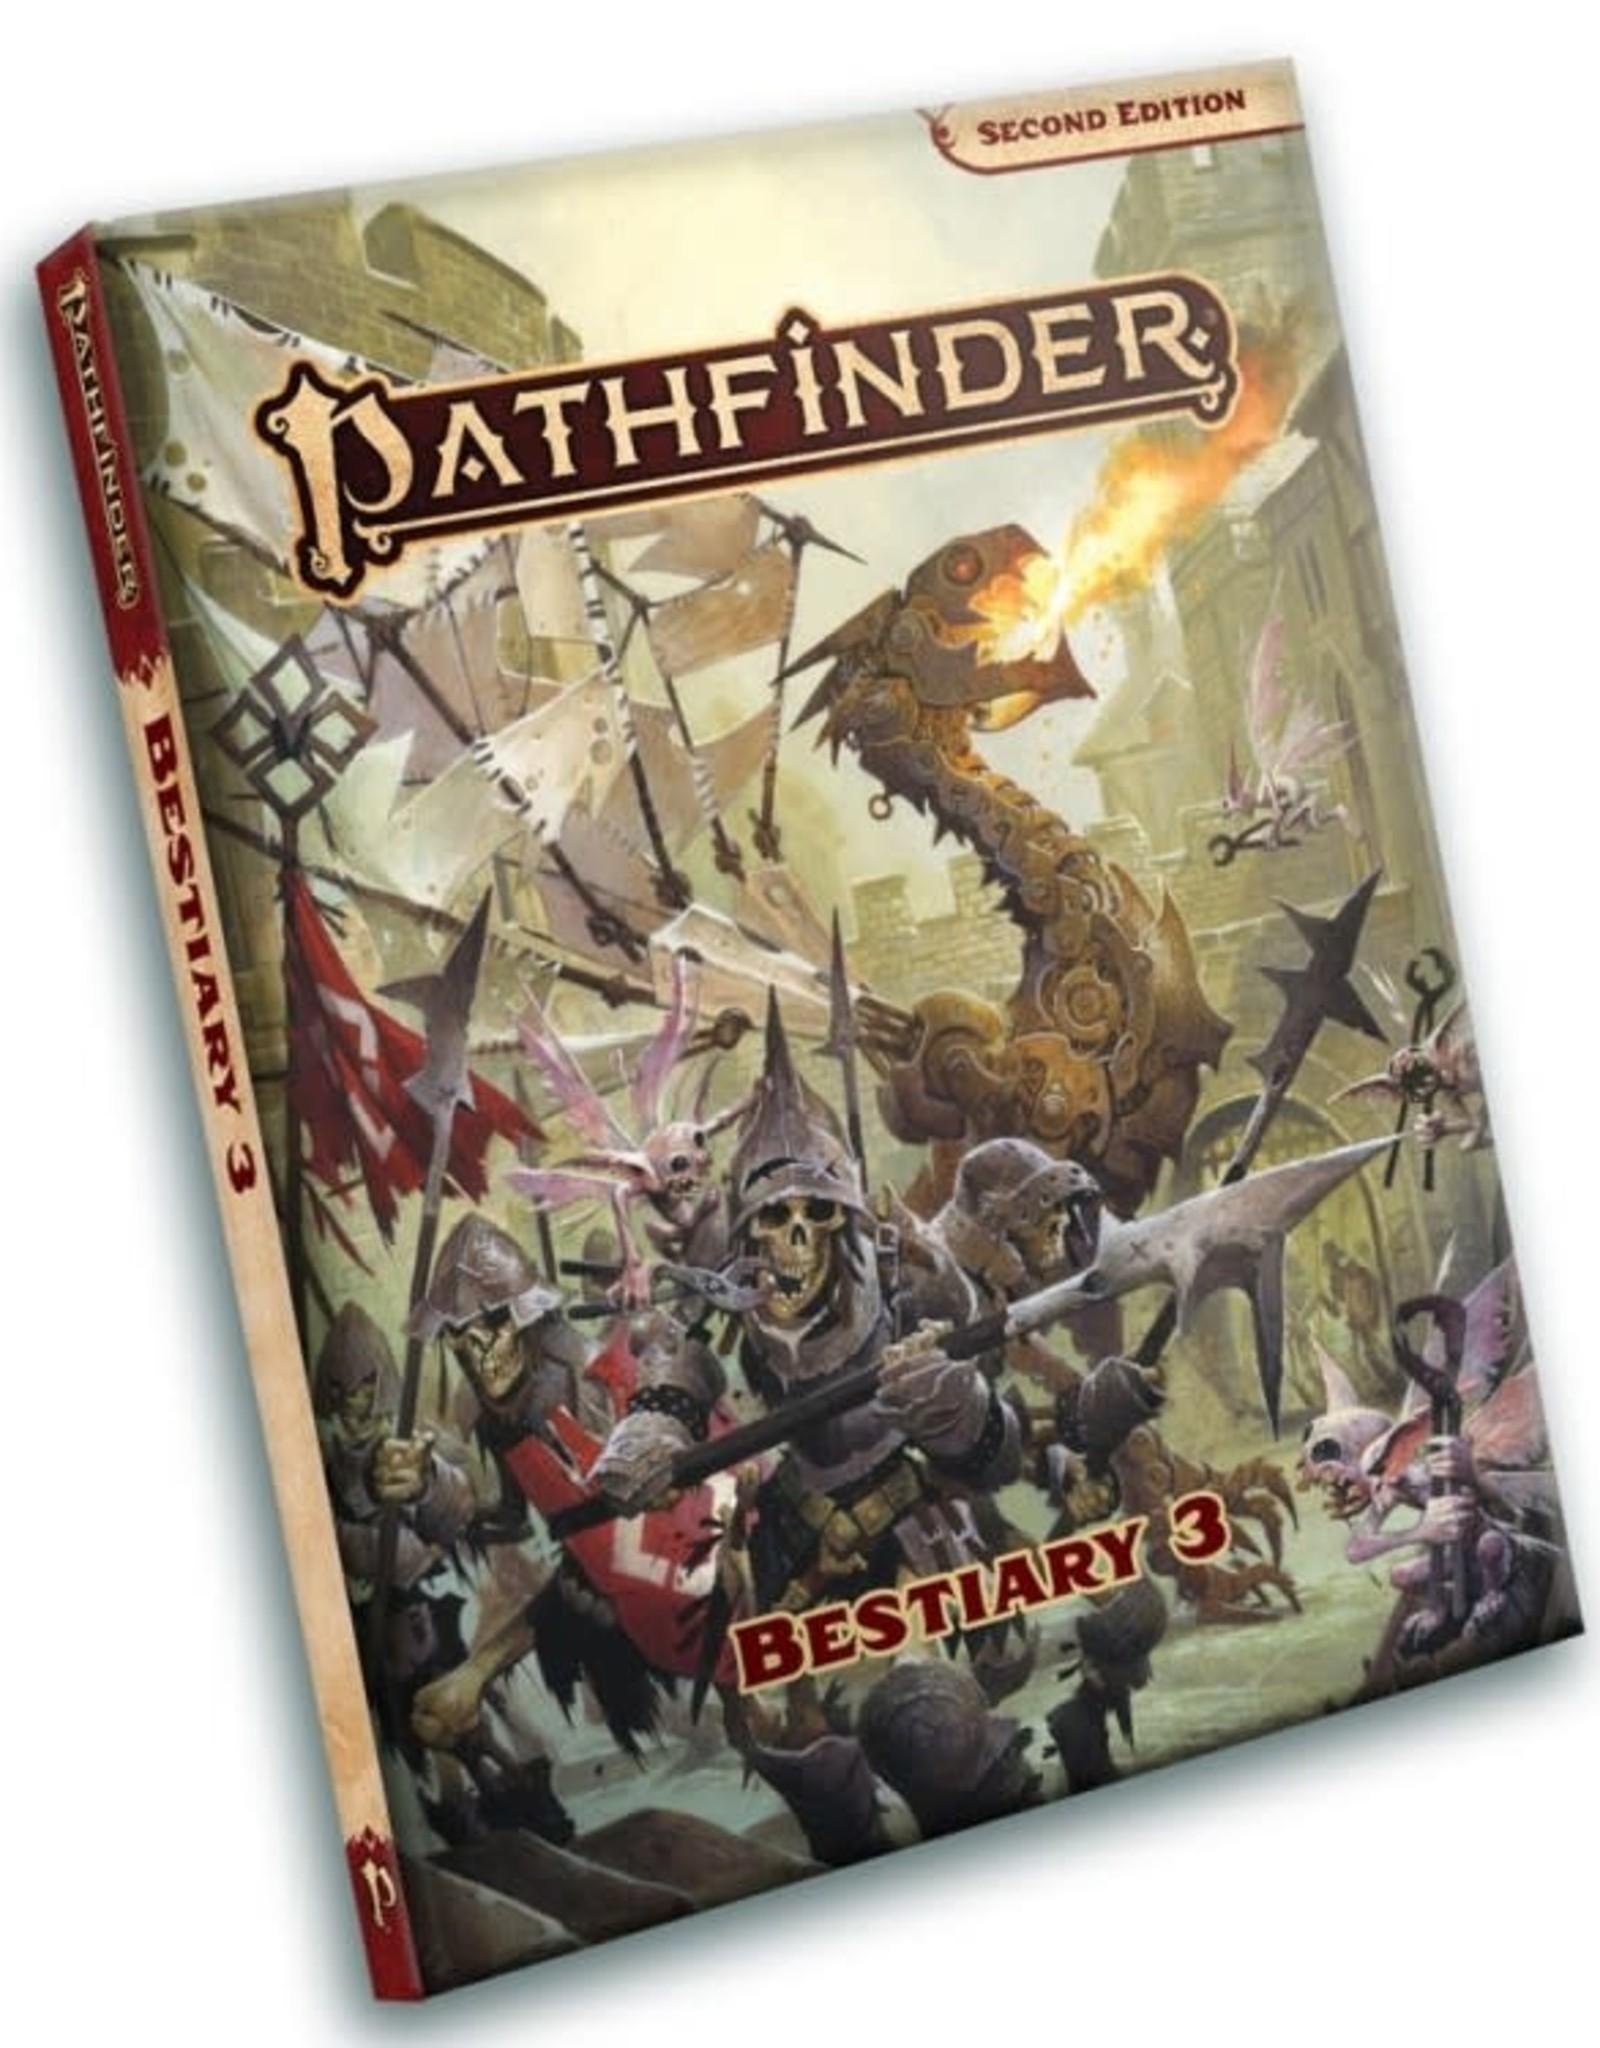 PAIZO Pathfinder 2E: Bestiary 3 Pocket Edition